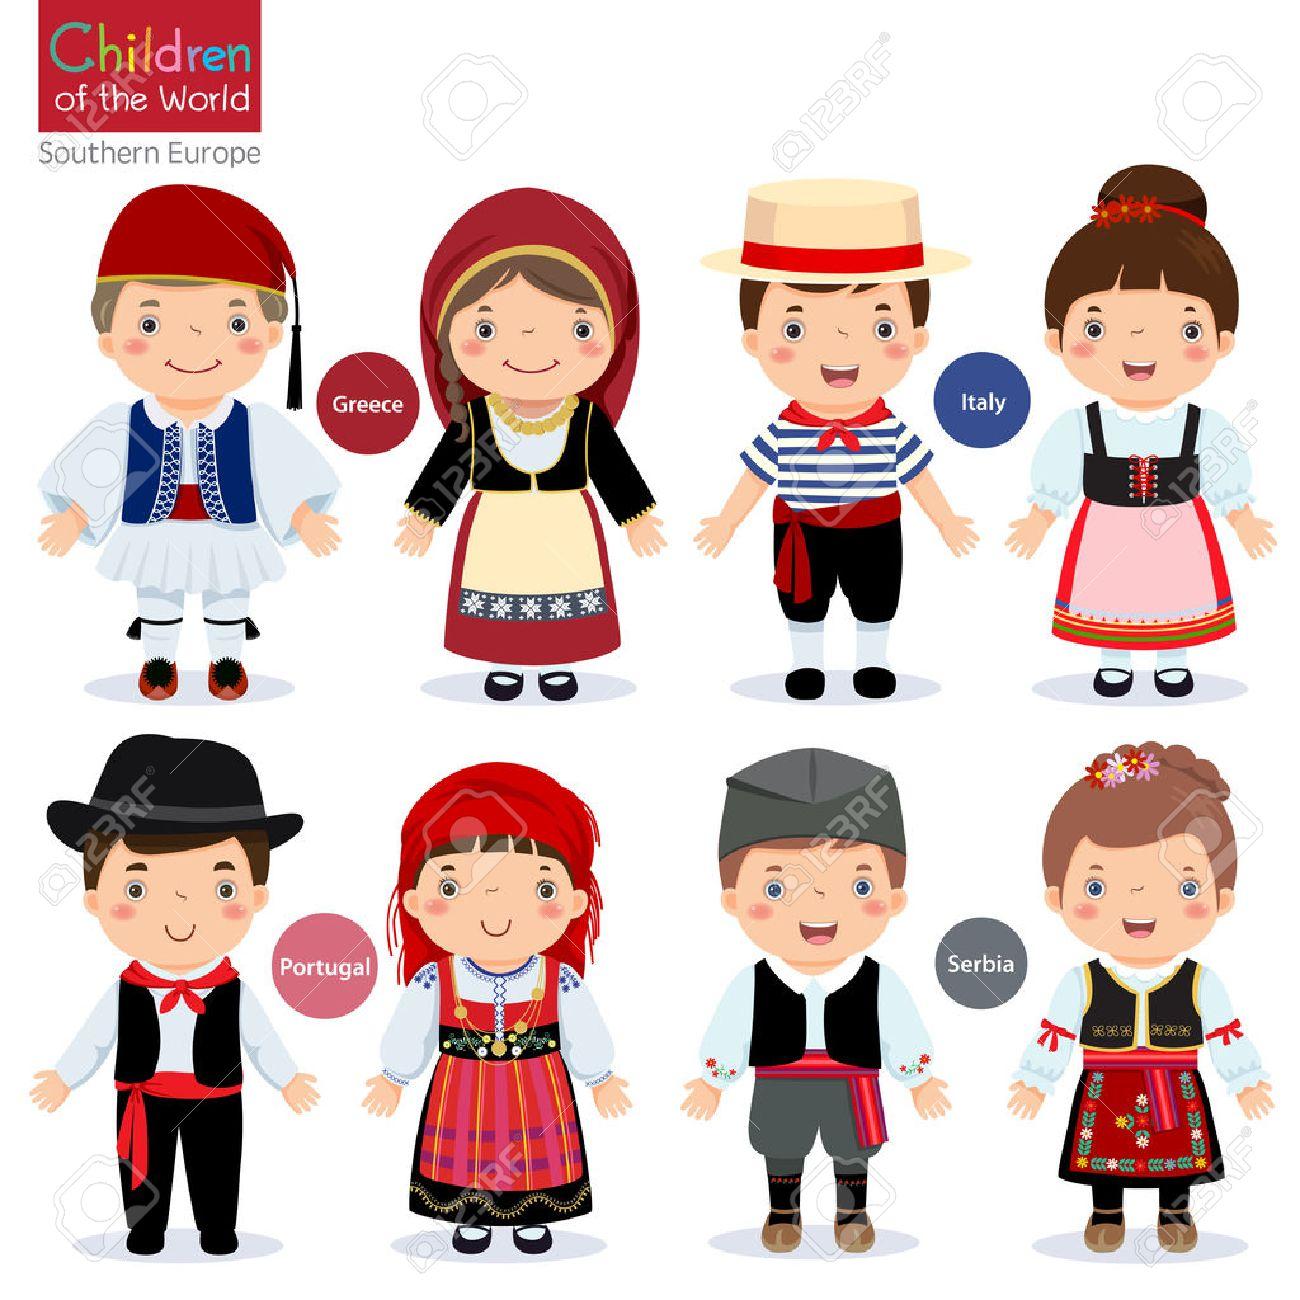 Les enfants dans les différents costumes traditionnels (Grèce, Italie, Portugal, Serbie)